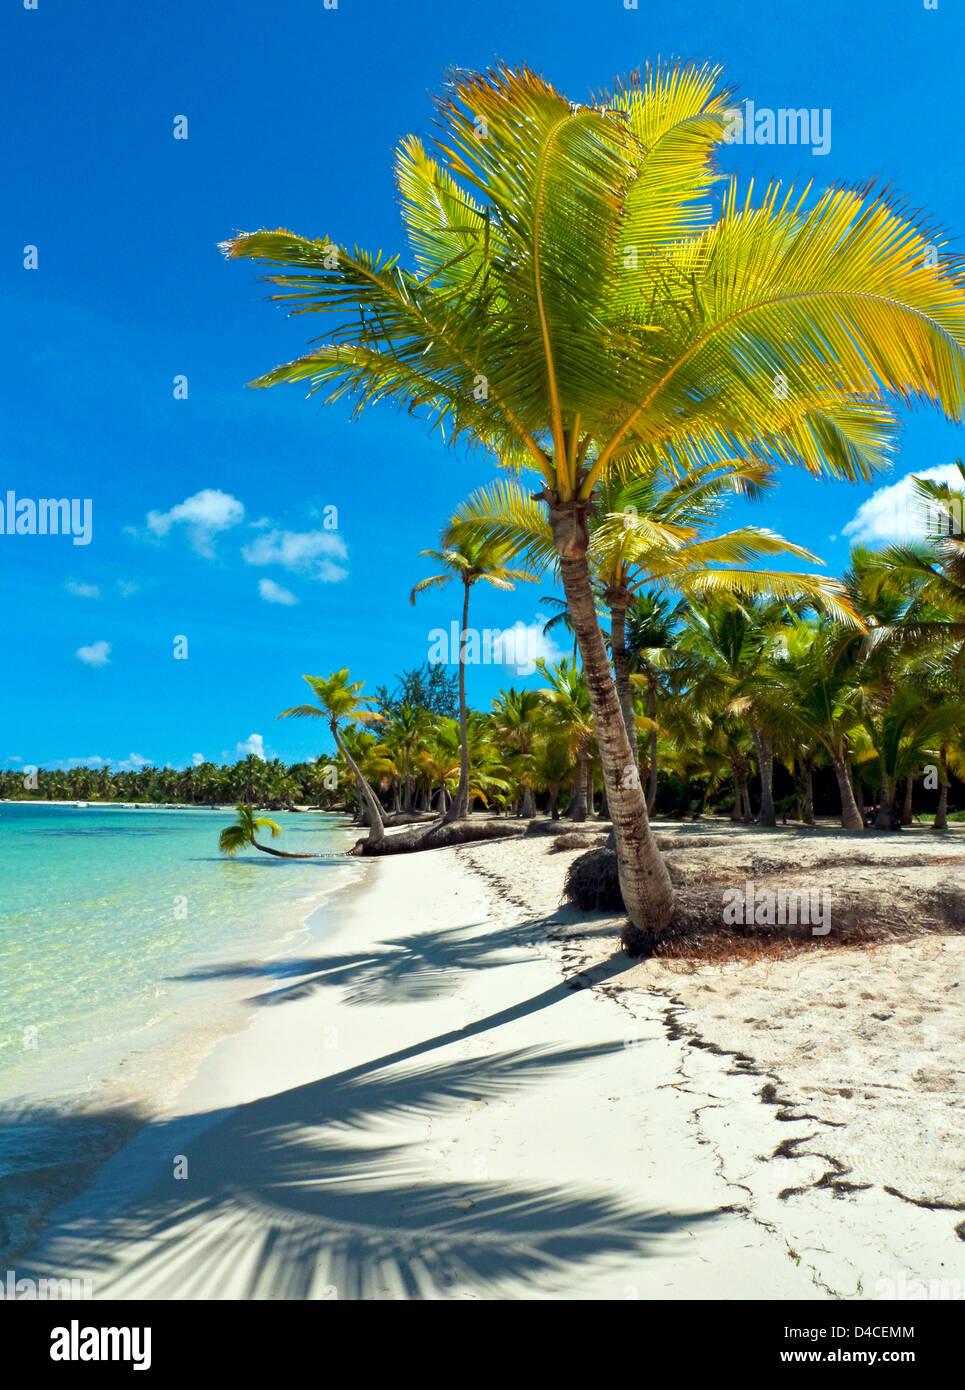 Palms en Playa Bávaro, Punta Cana, República Dominicana, el Caribe, América Imagen De Stock